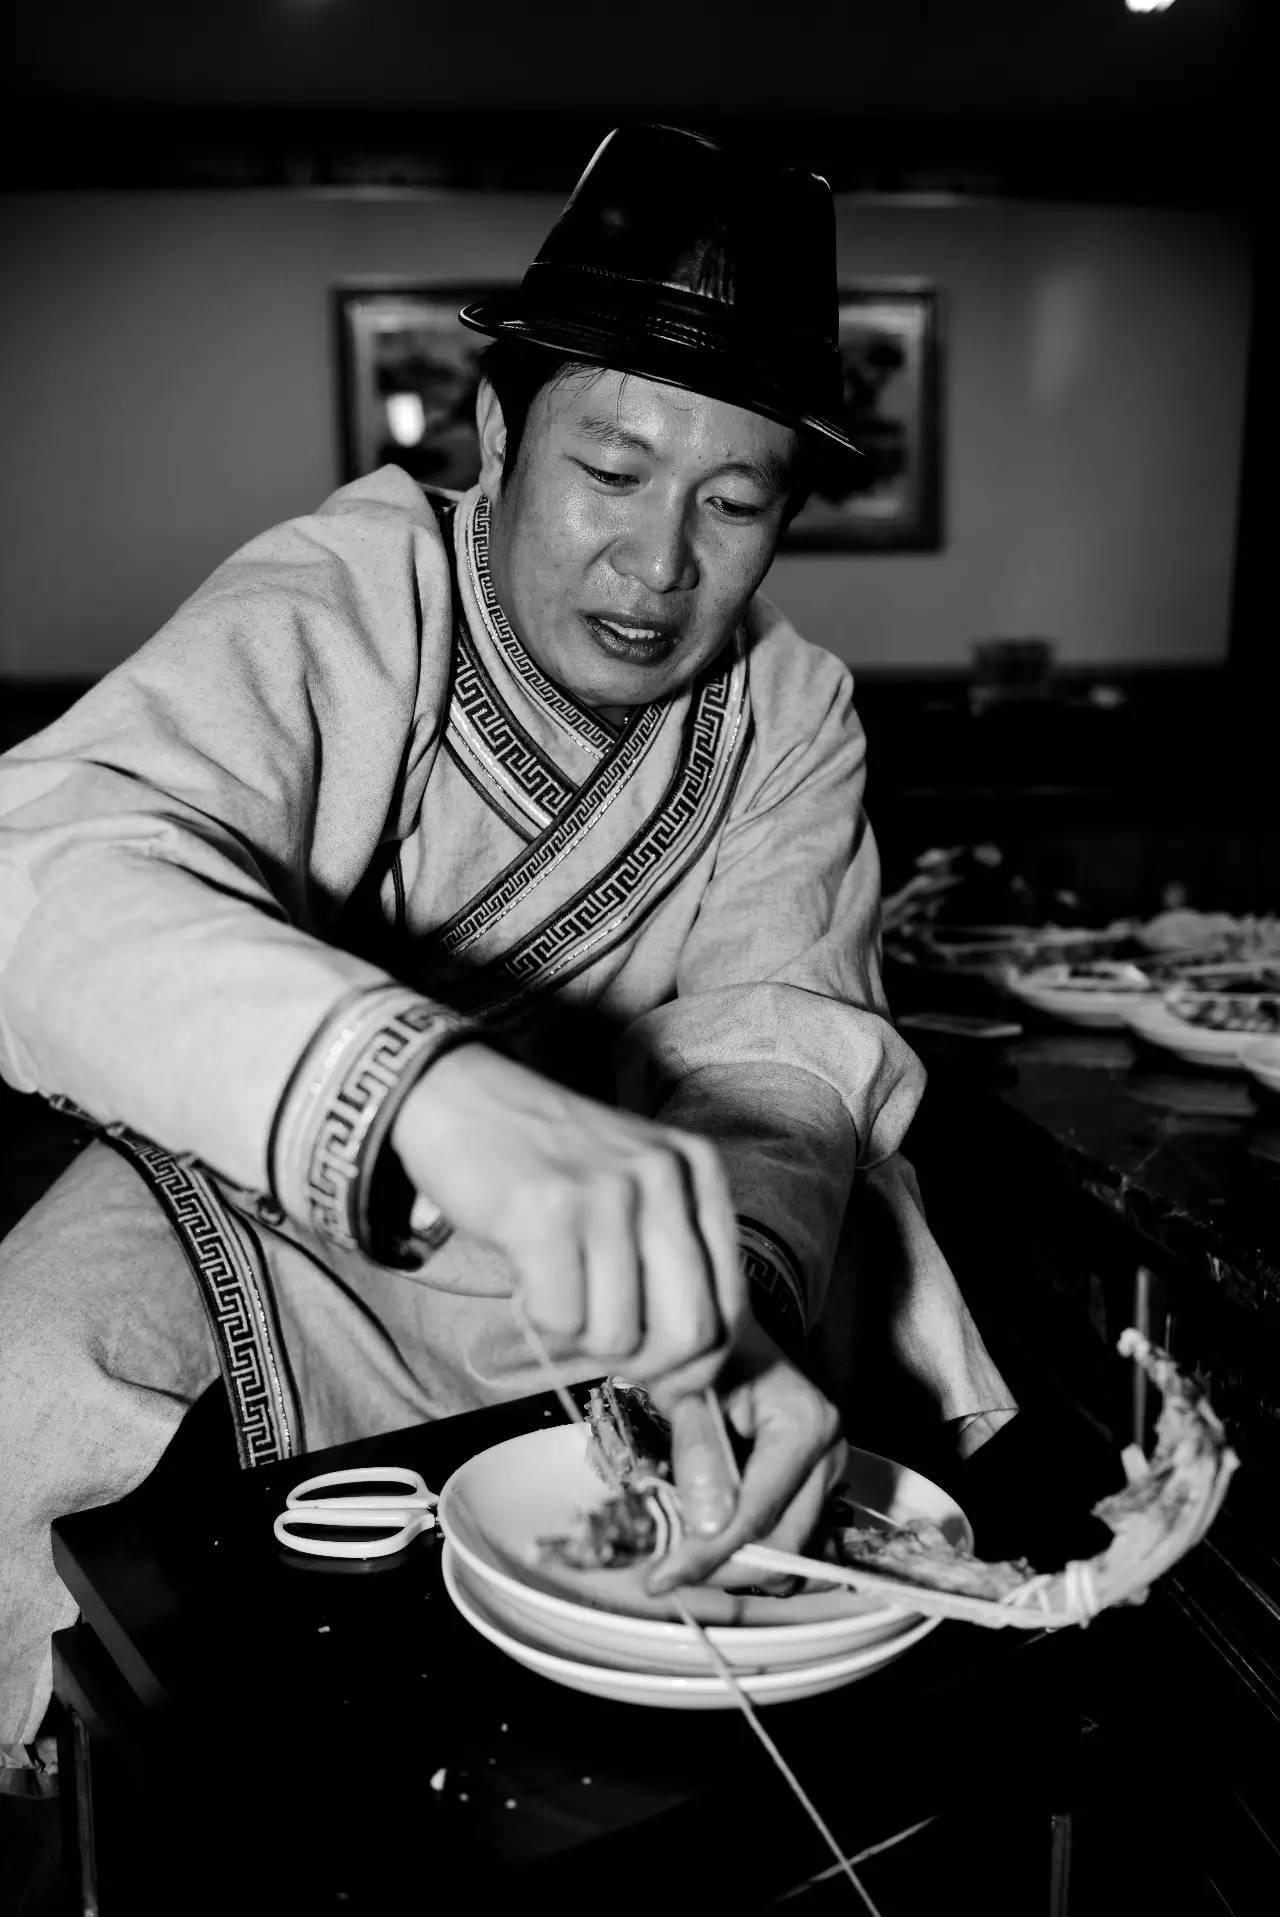 【ANU美图】摄影师吉雅:传统蒙古族牧民黑白纪实作品欣赏 第8张 【ANU美图】摄影师吉雅:传统蒙古族牧民黑白纪实作品欣赏 蒙古文化